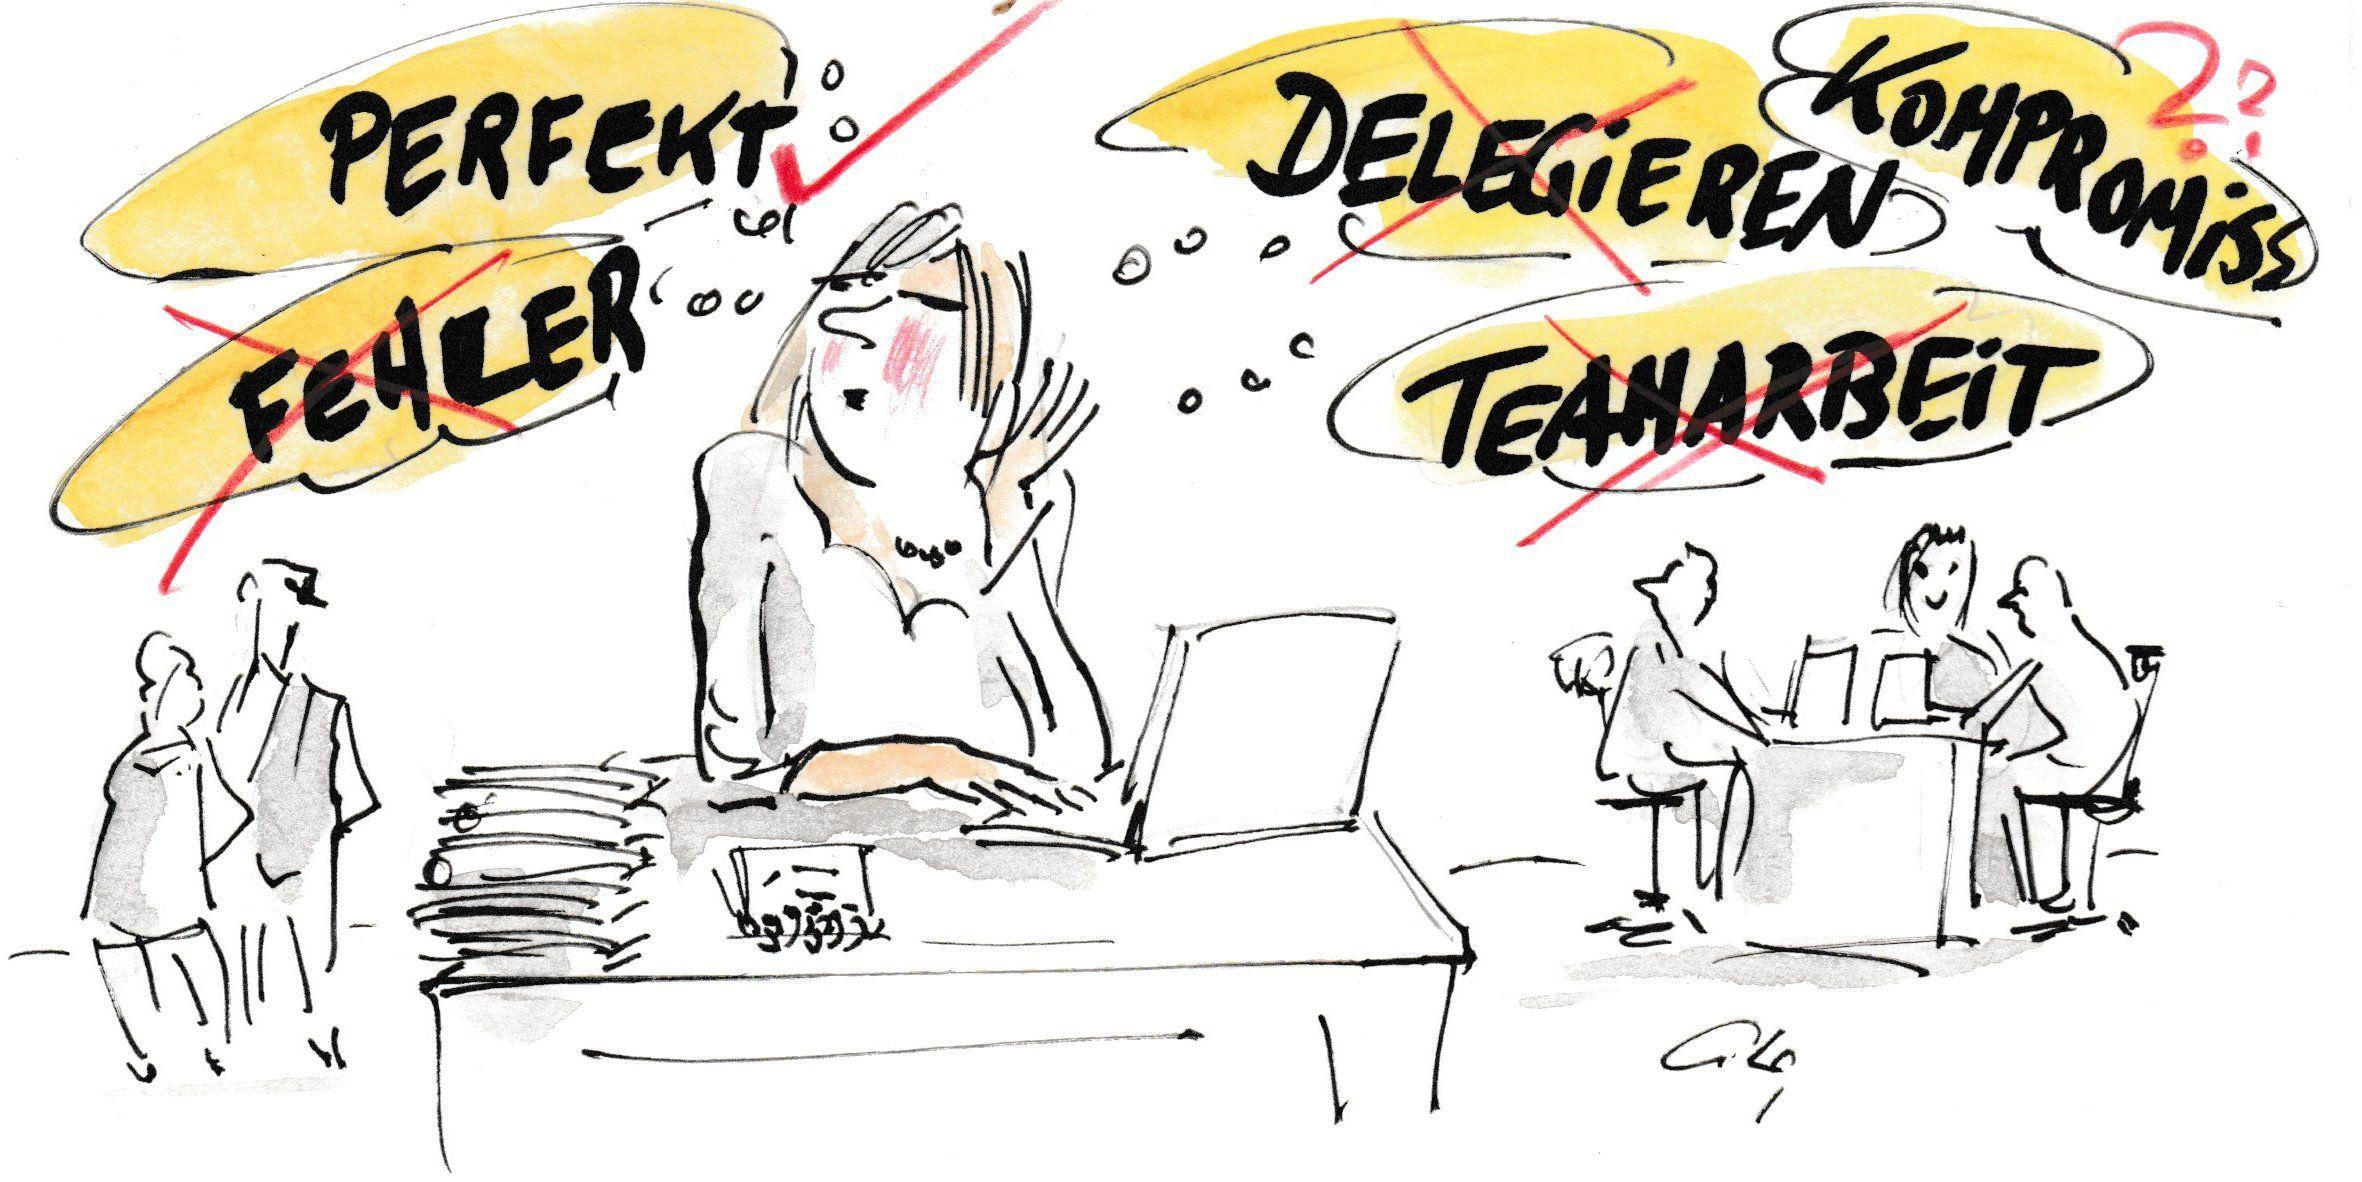 Einzelkämpferin sitzt alleine am Schreibtisch und denkt darüber nach, wie sie perfekt sein kann.